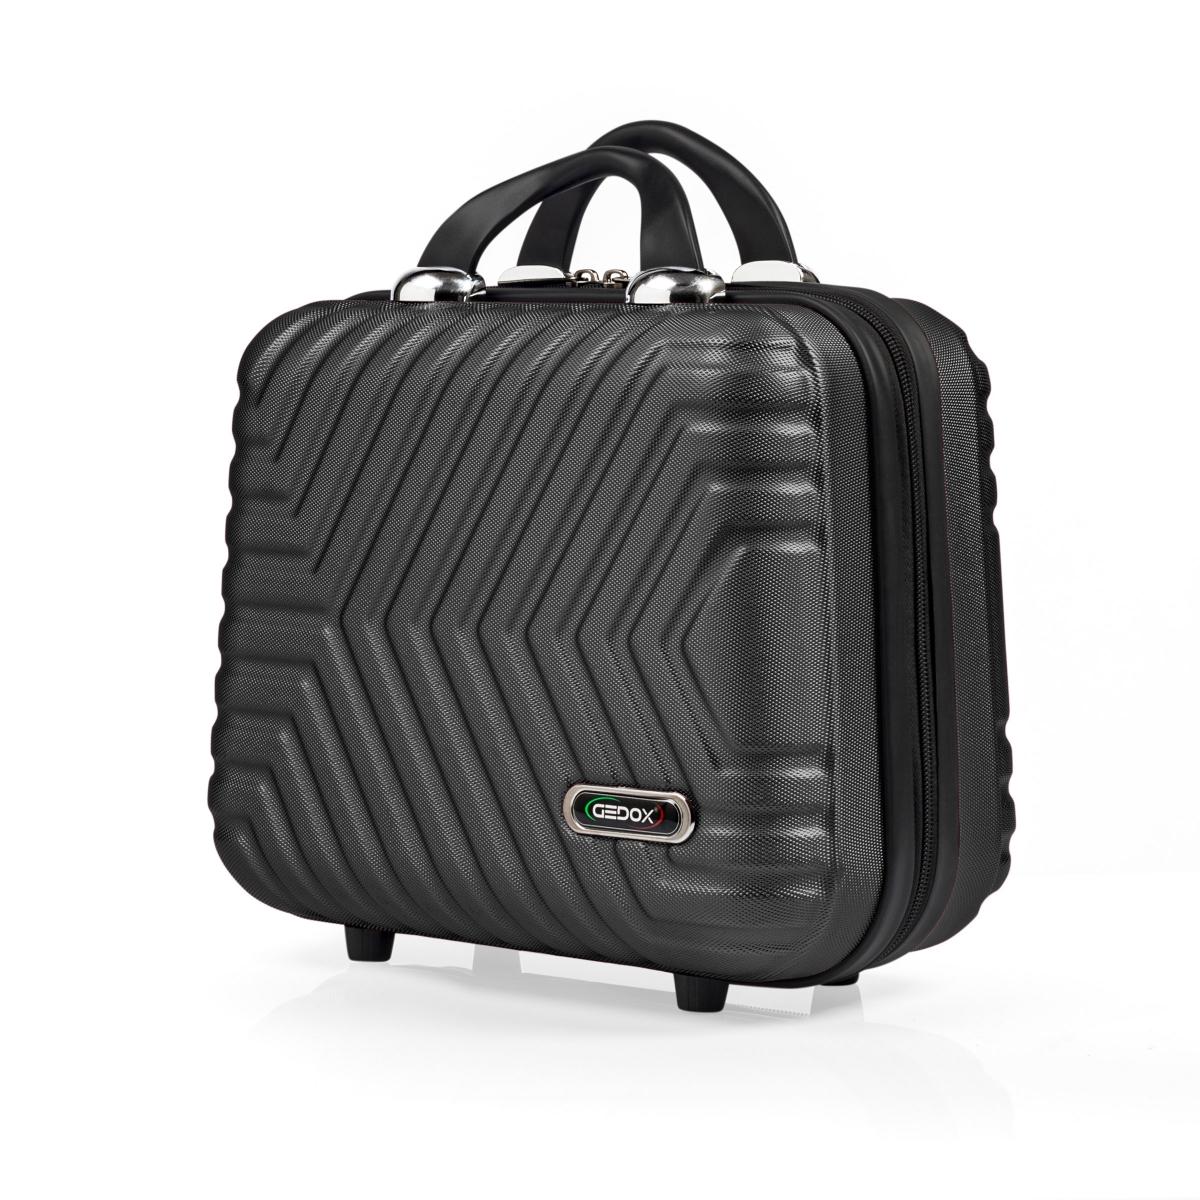 G&D Polo Suitcase Abs Makyaj&Hostes El Çantası Model:615.01 Siyah